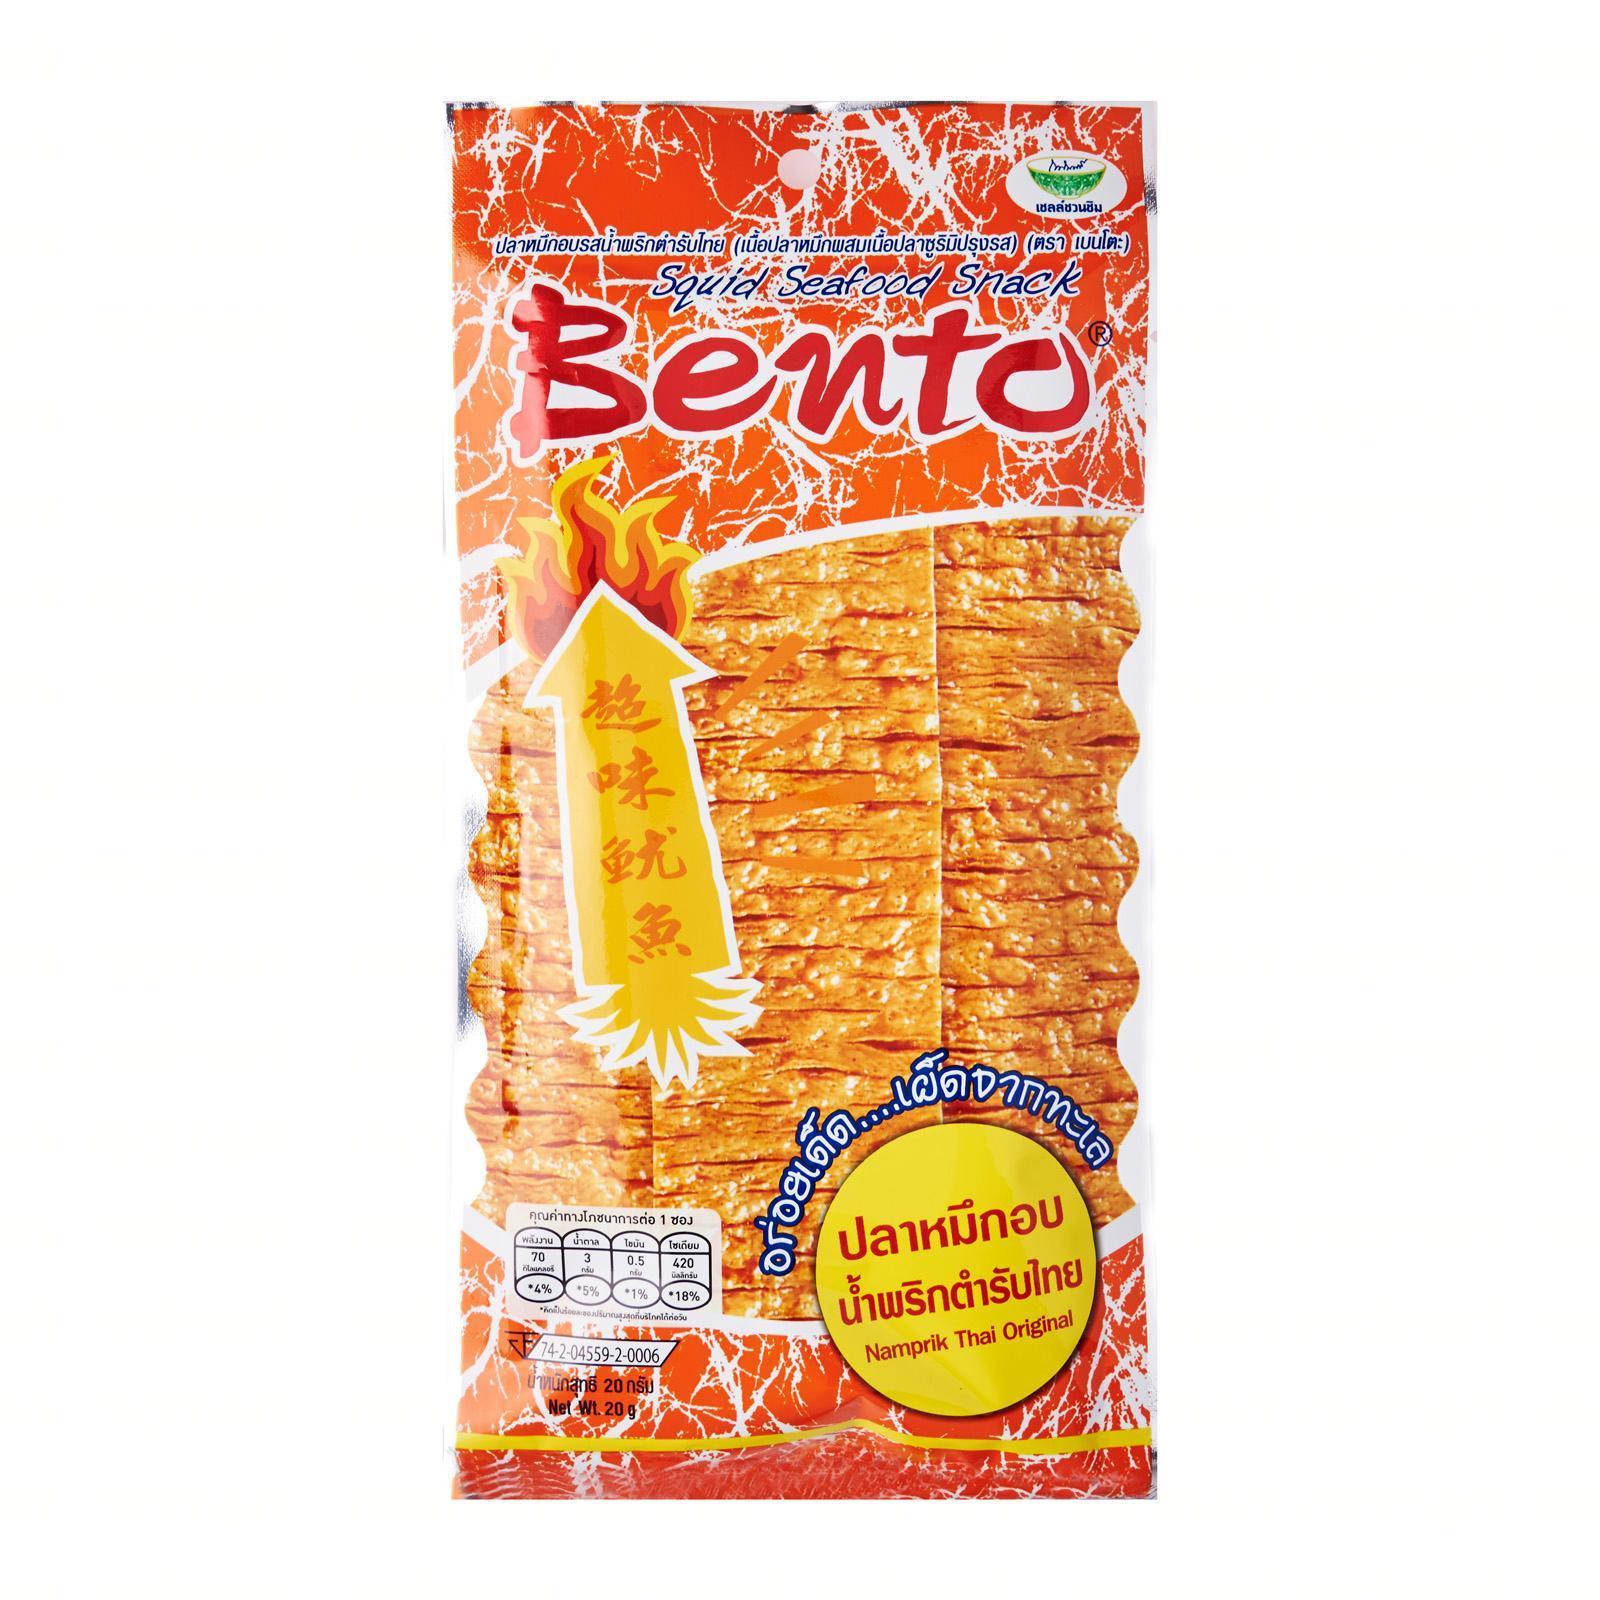 Bento Squid Namprik Thai Original Seafood Snack